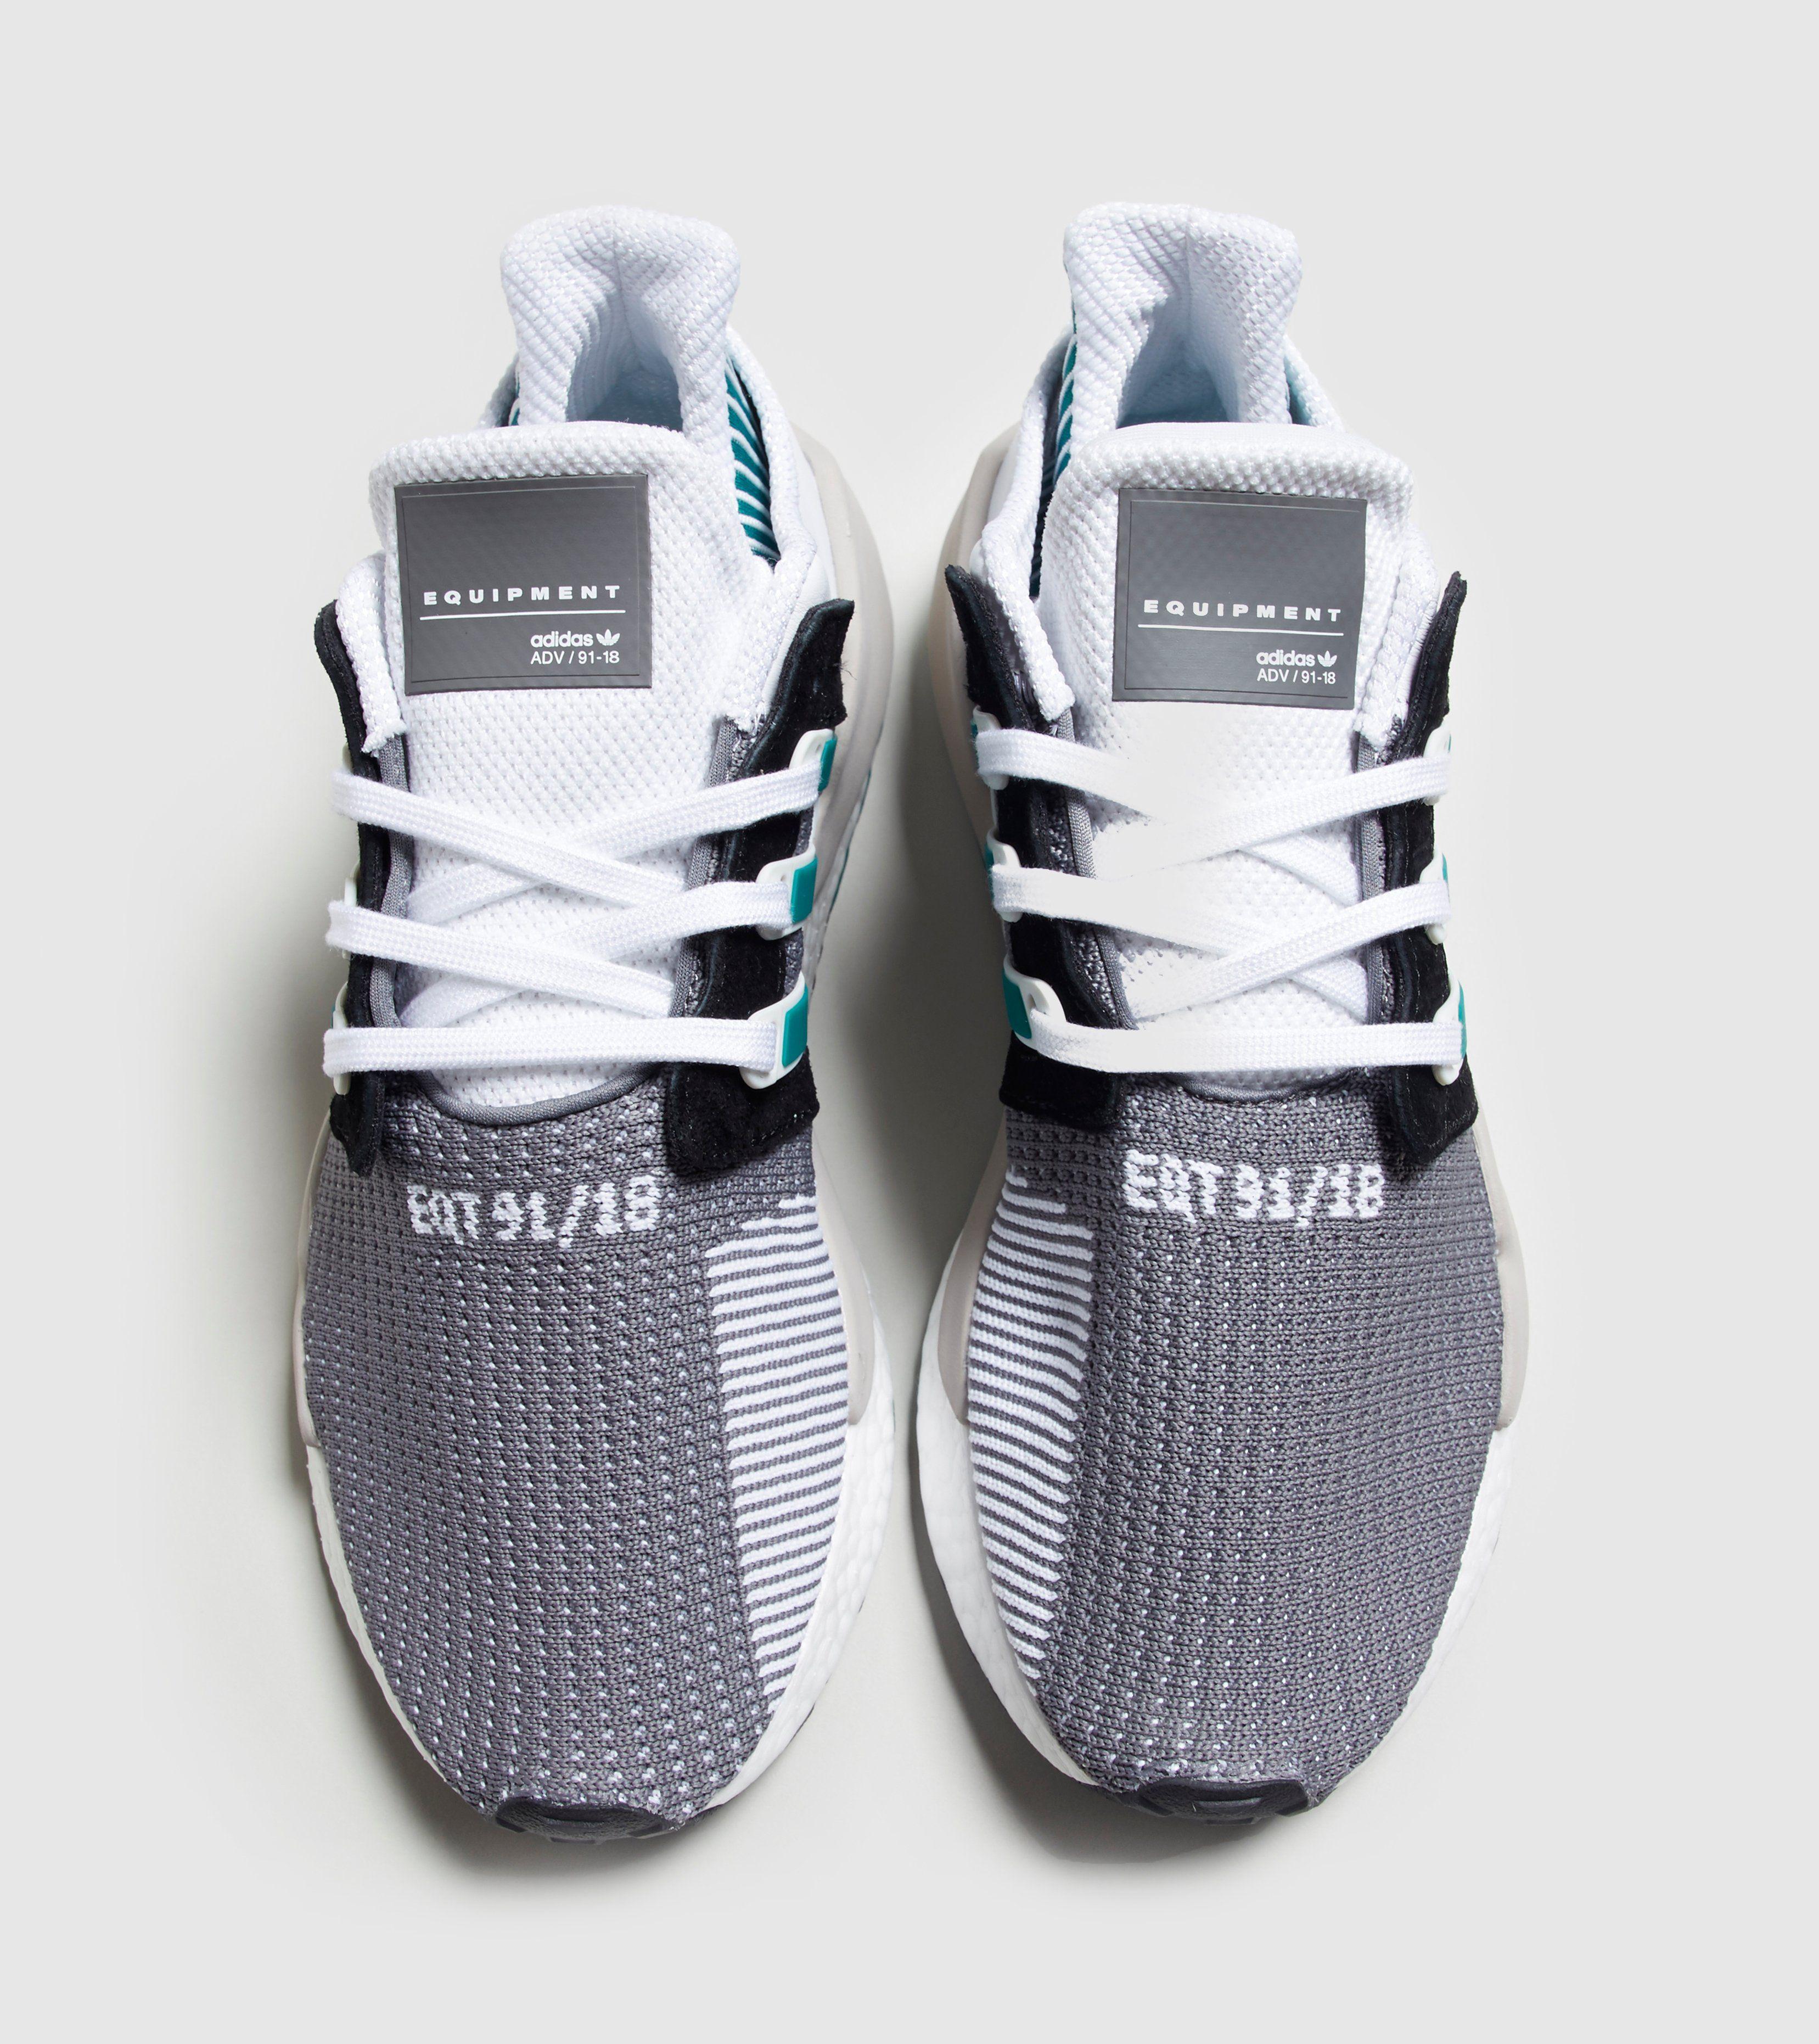 adidas Originals EQT Support 91/18 Boost